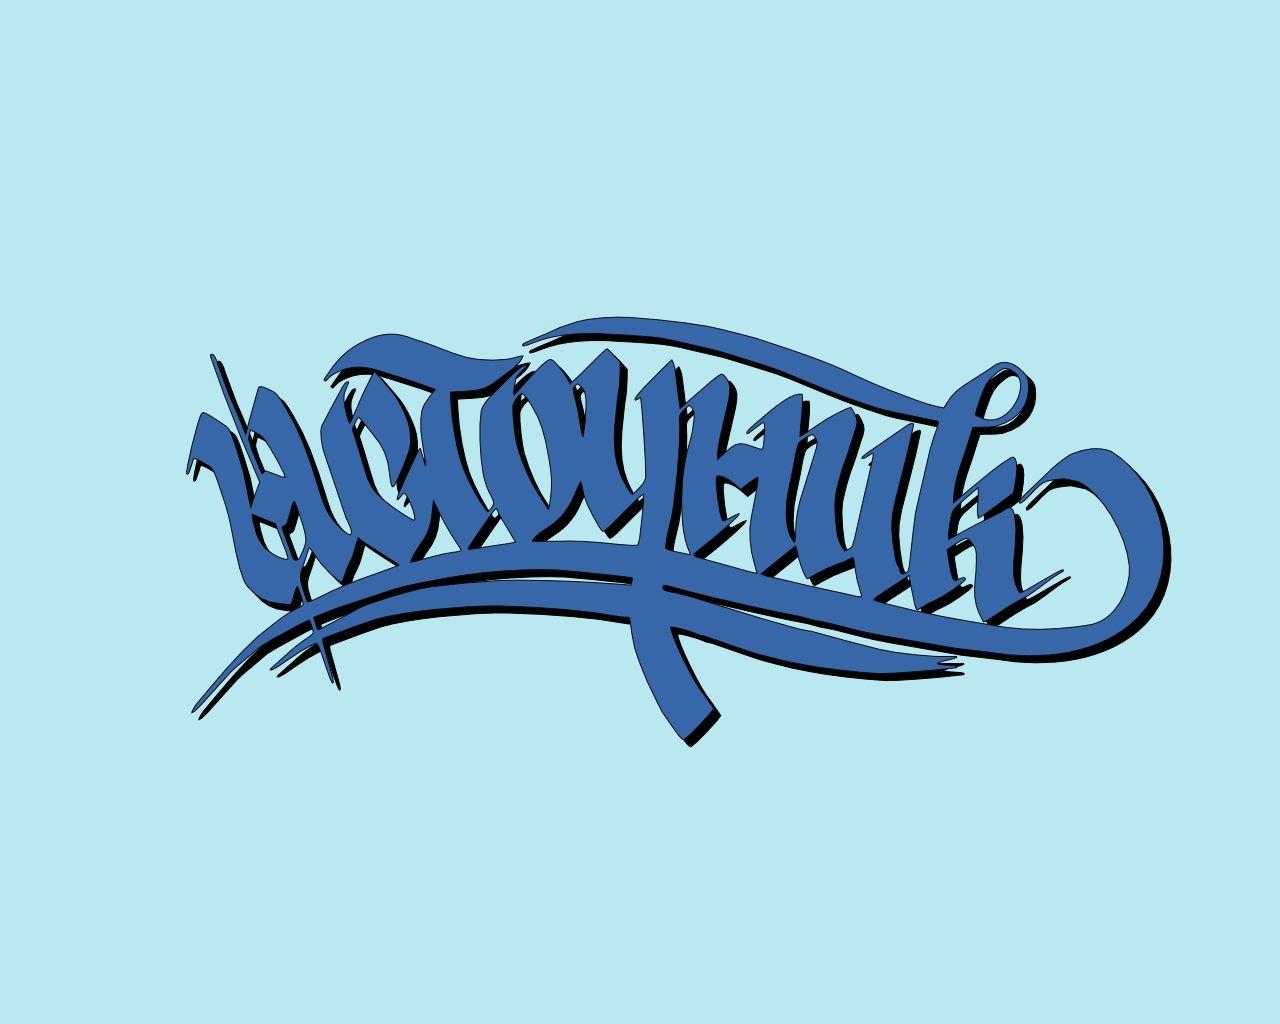 Логотип для магазина Украшений из Фильмов - дизайнер Cko